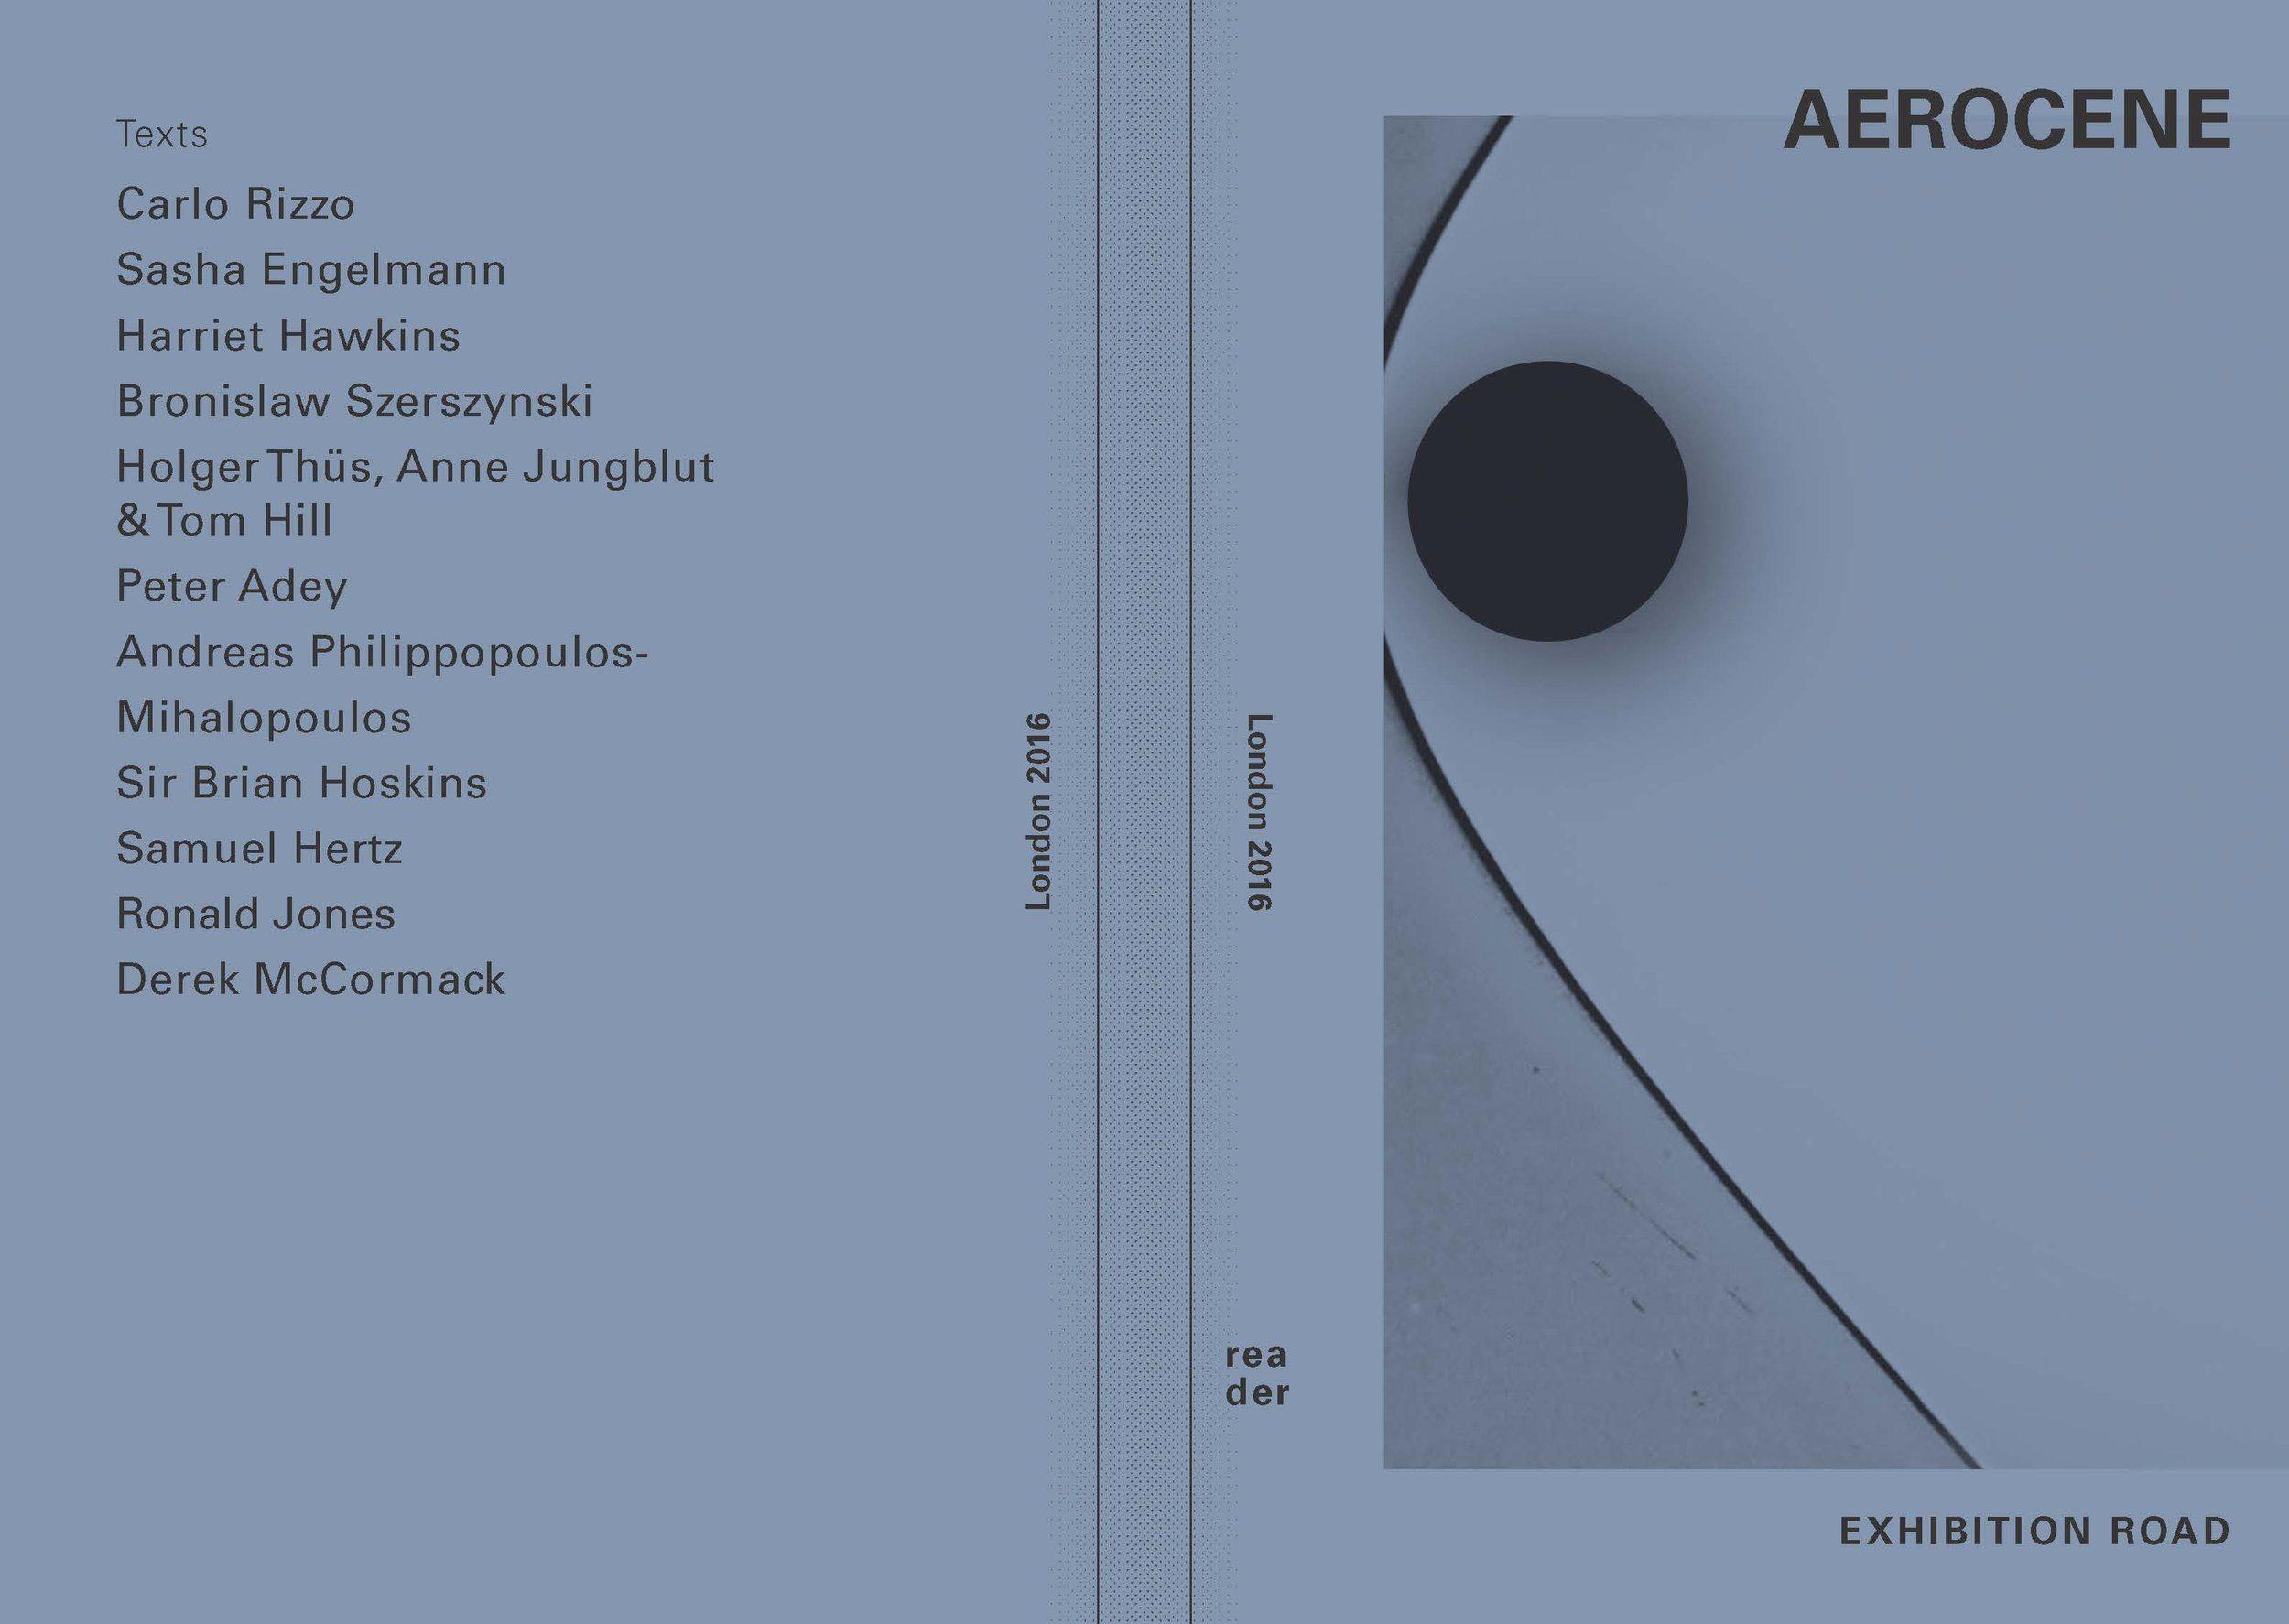 AEROCENE+EXHIBITION+ROAD_Page_01